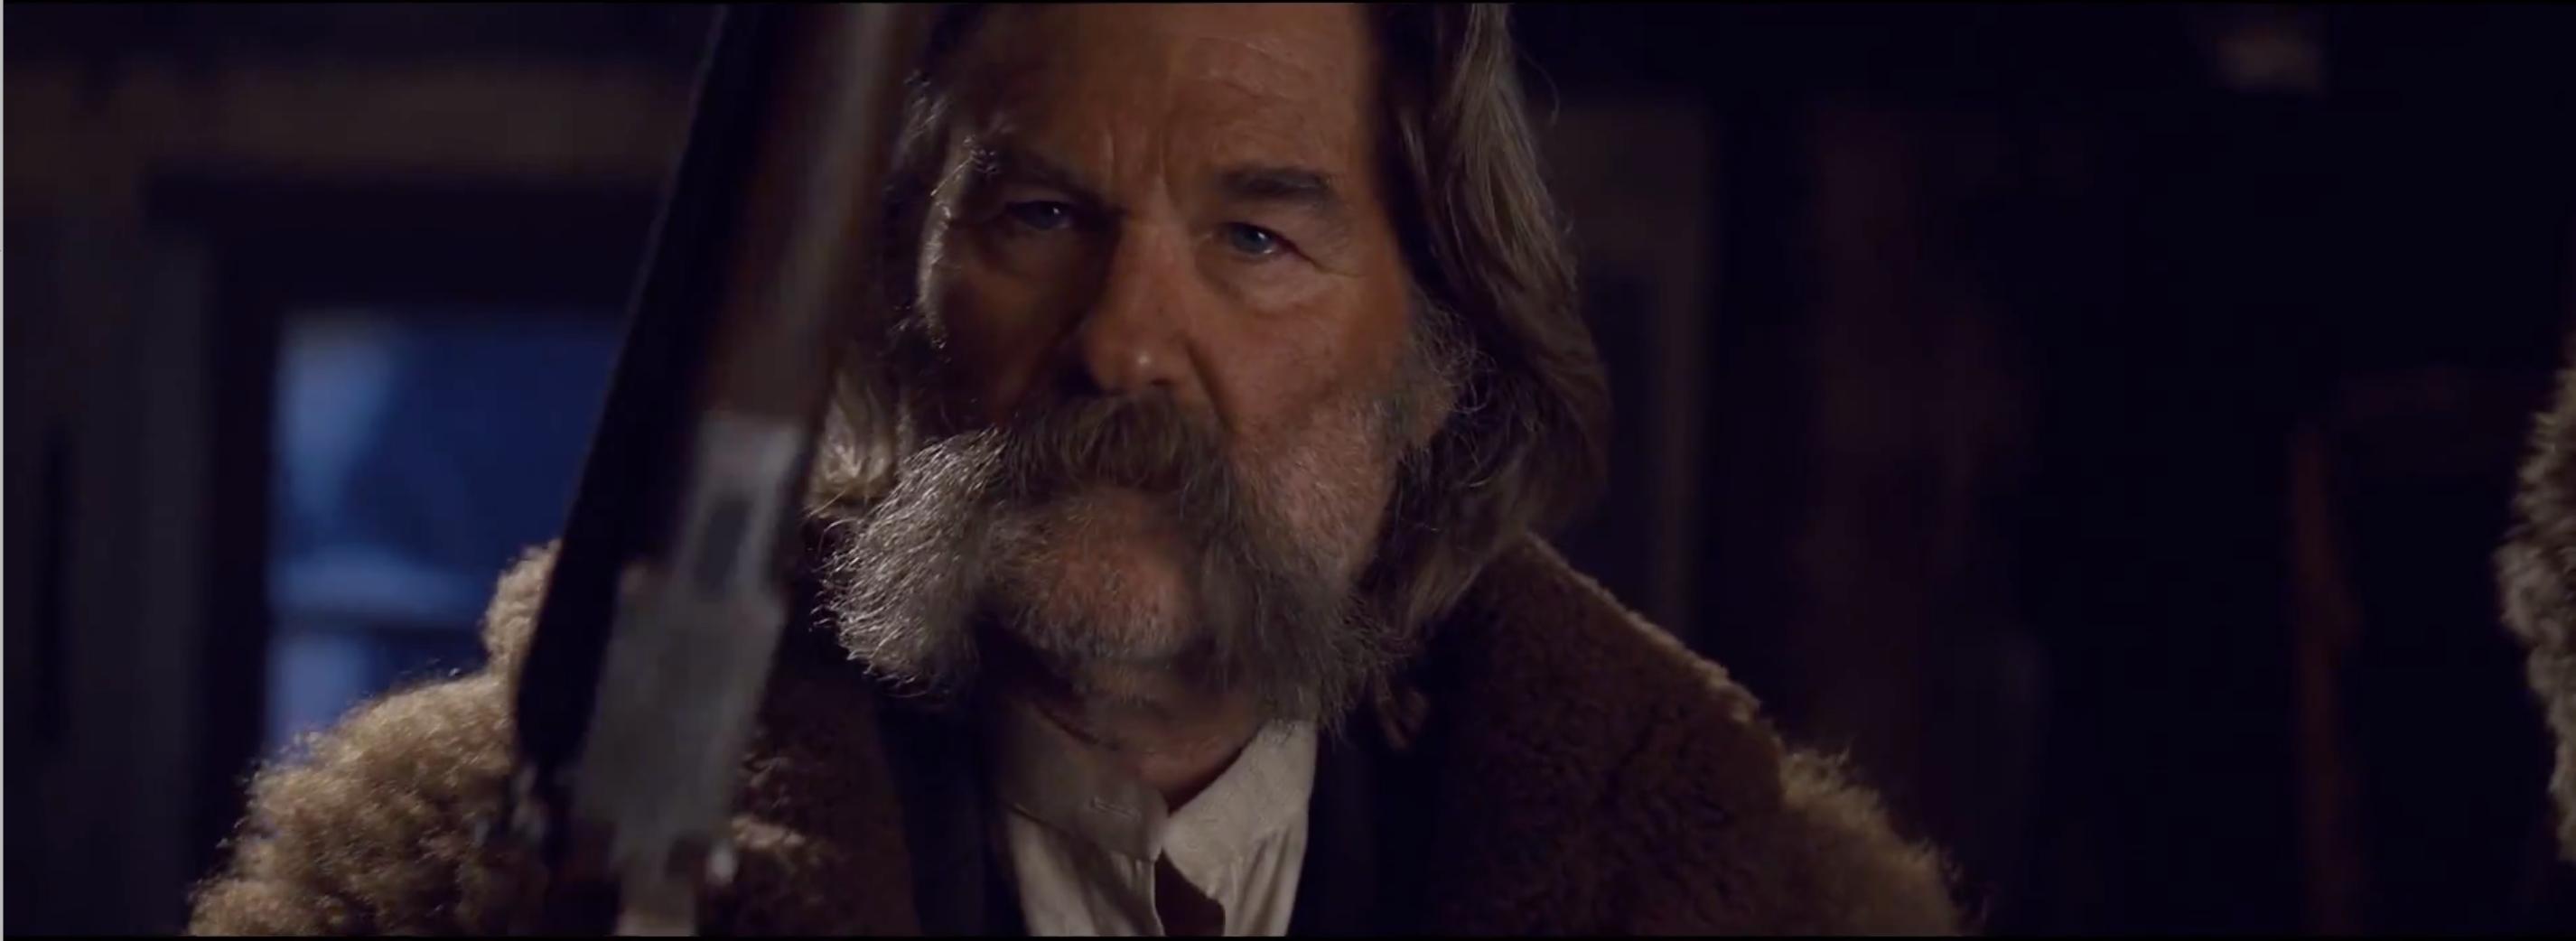 The Hateful Eight: Kurt Russell in una scena del teaser trailer del film di Tarantino